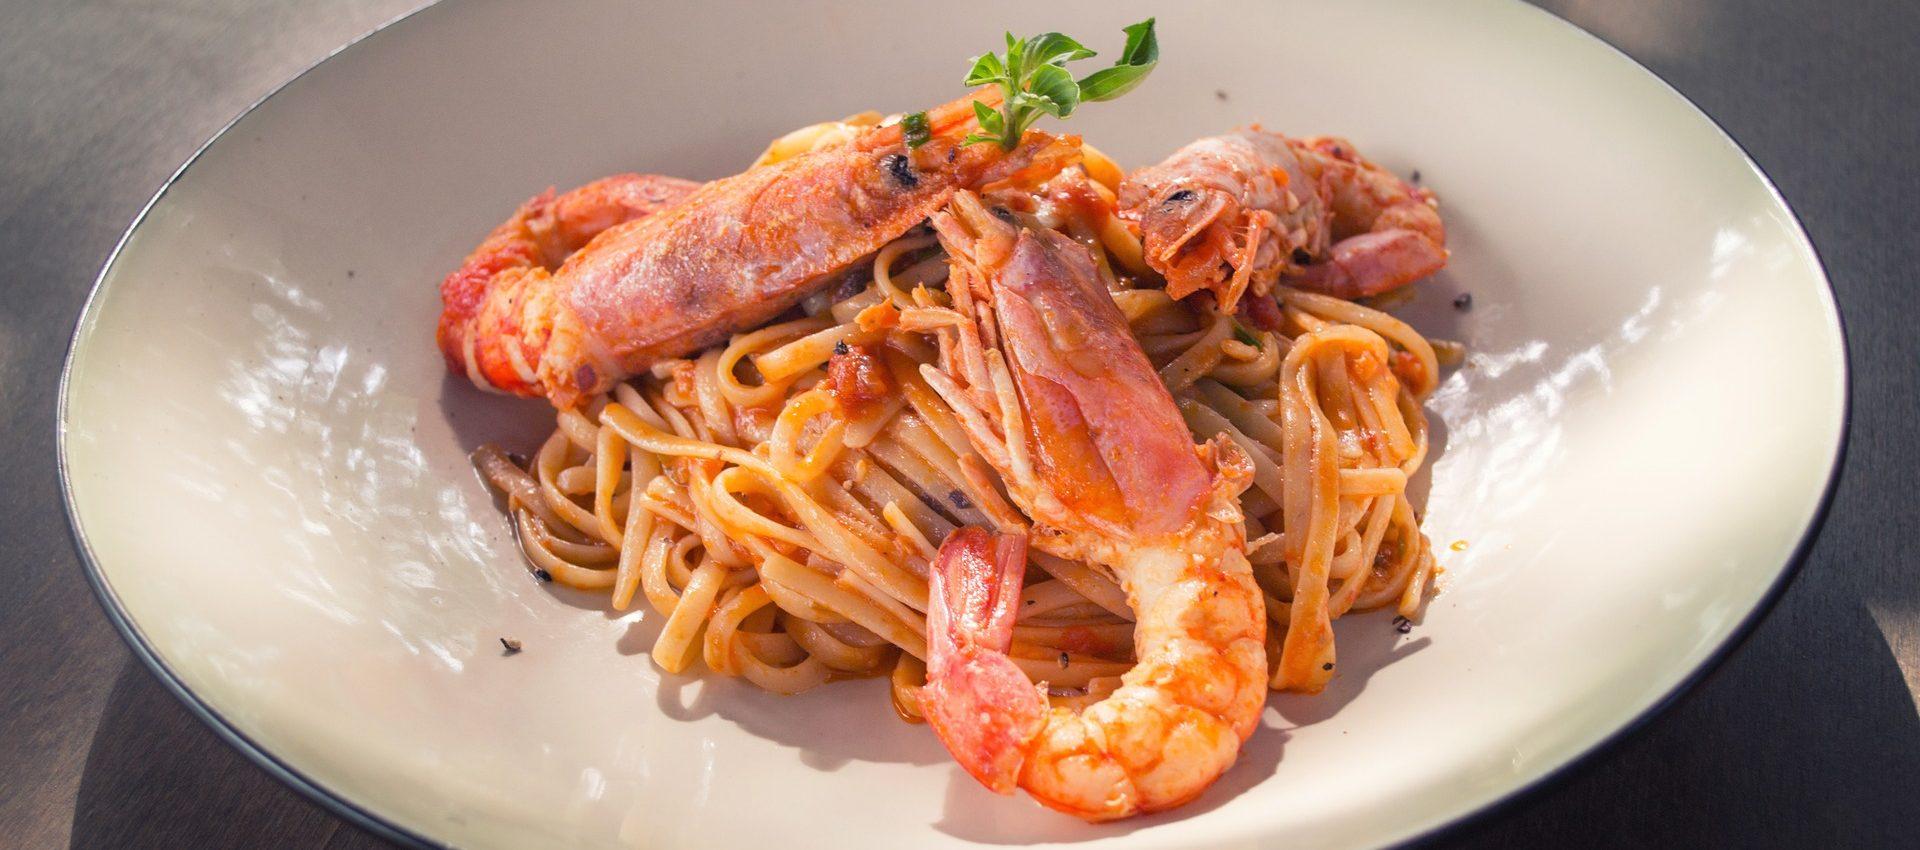 Linguine aux crevettes au cookeo